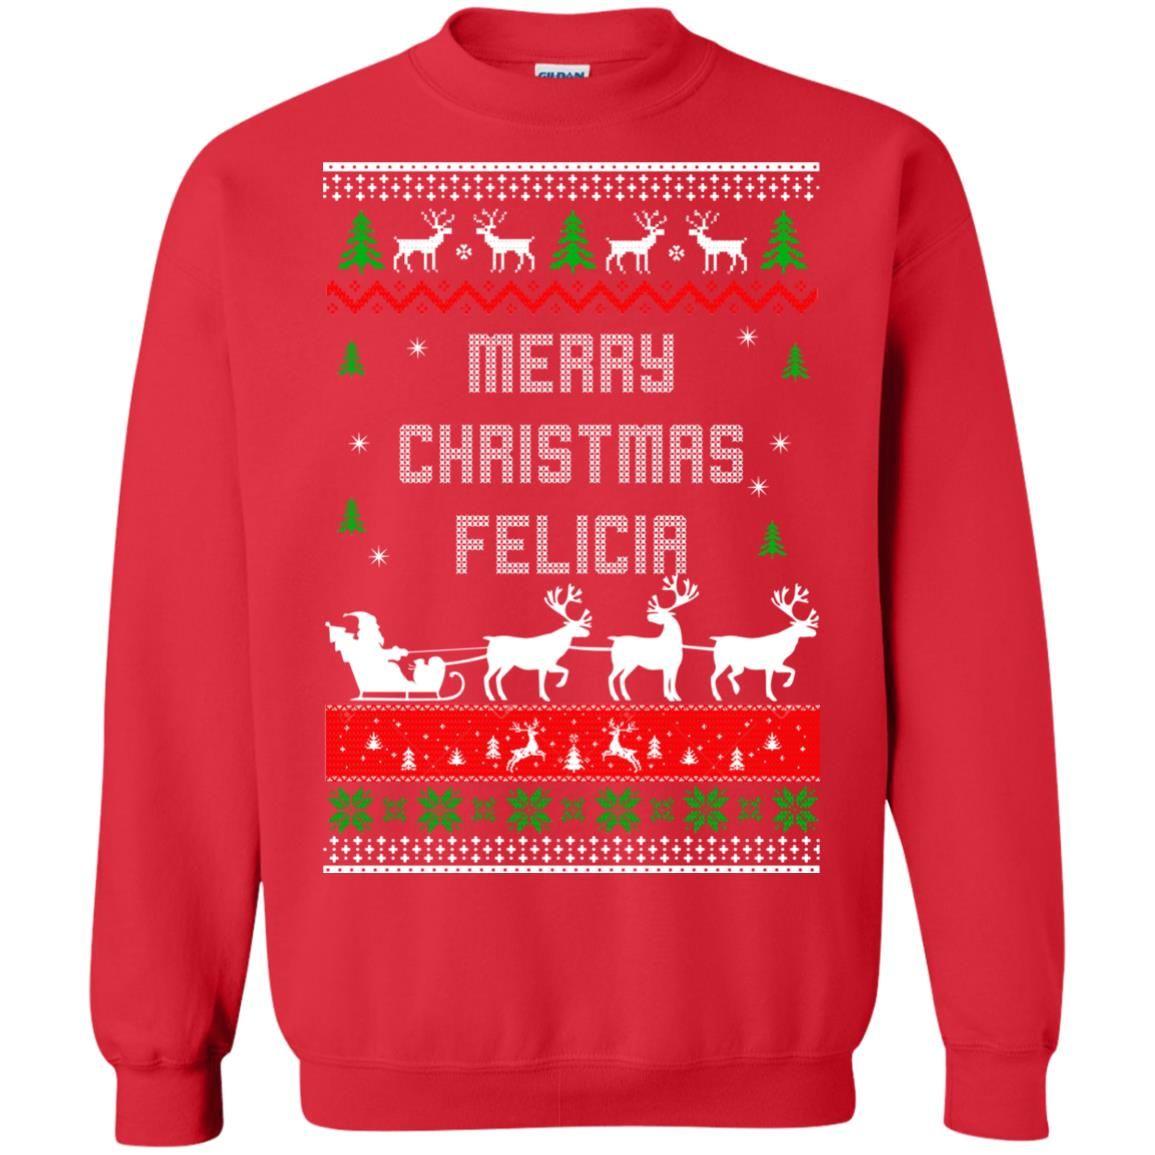 image 1677 - Raxo Merry Christmas Felicia ugly sweater, hoodie